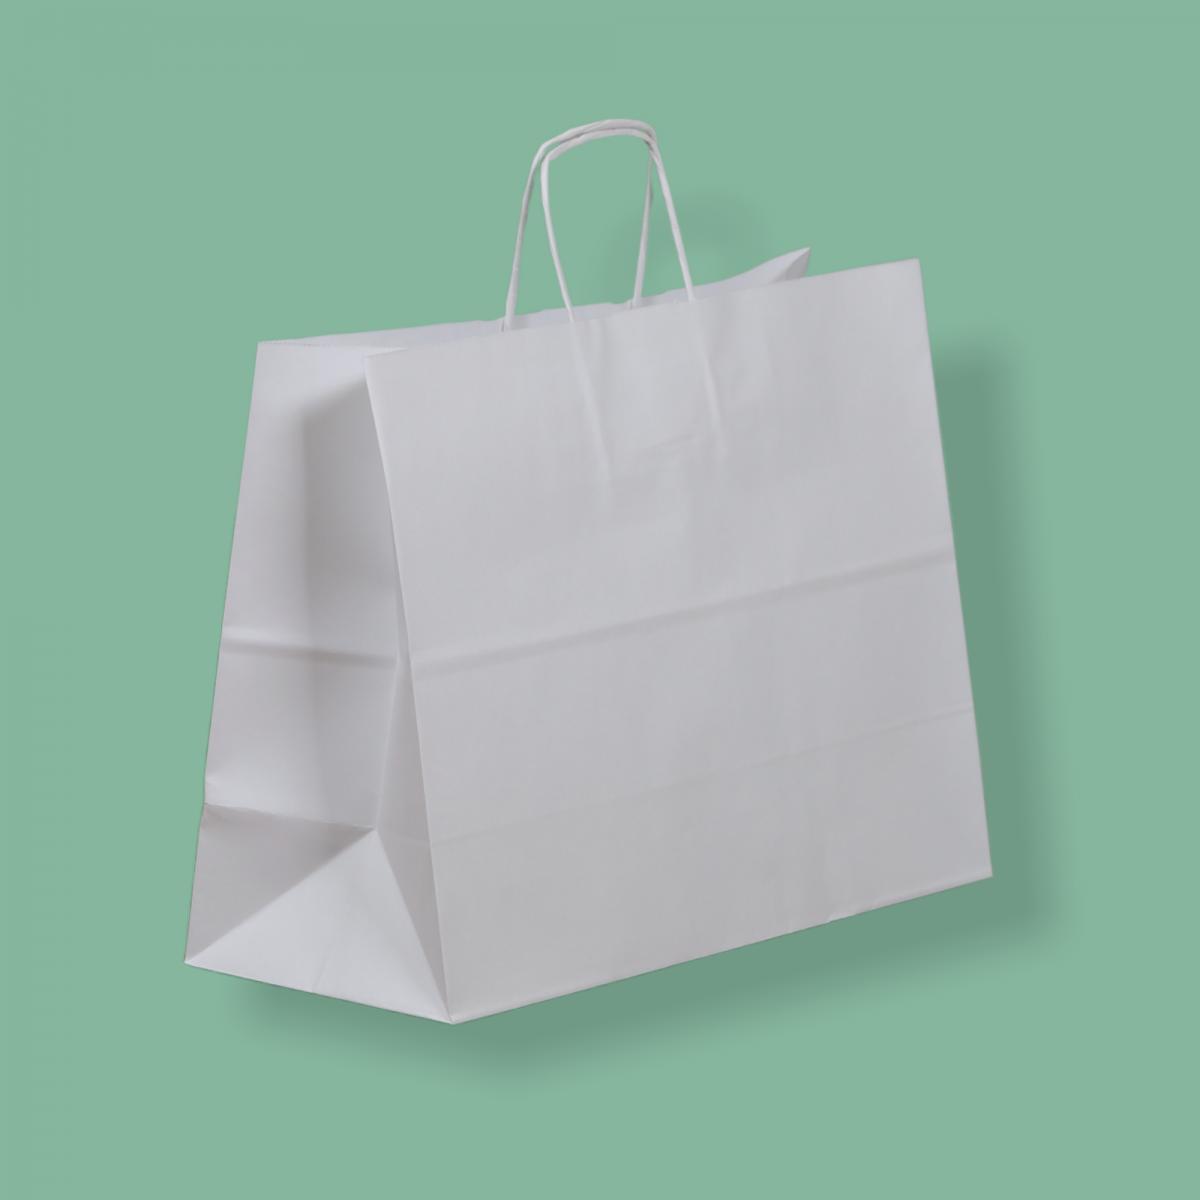 Sodrottfüles papírtáska 35x26+14 cm fehér